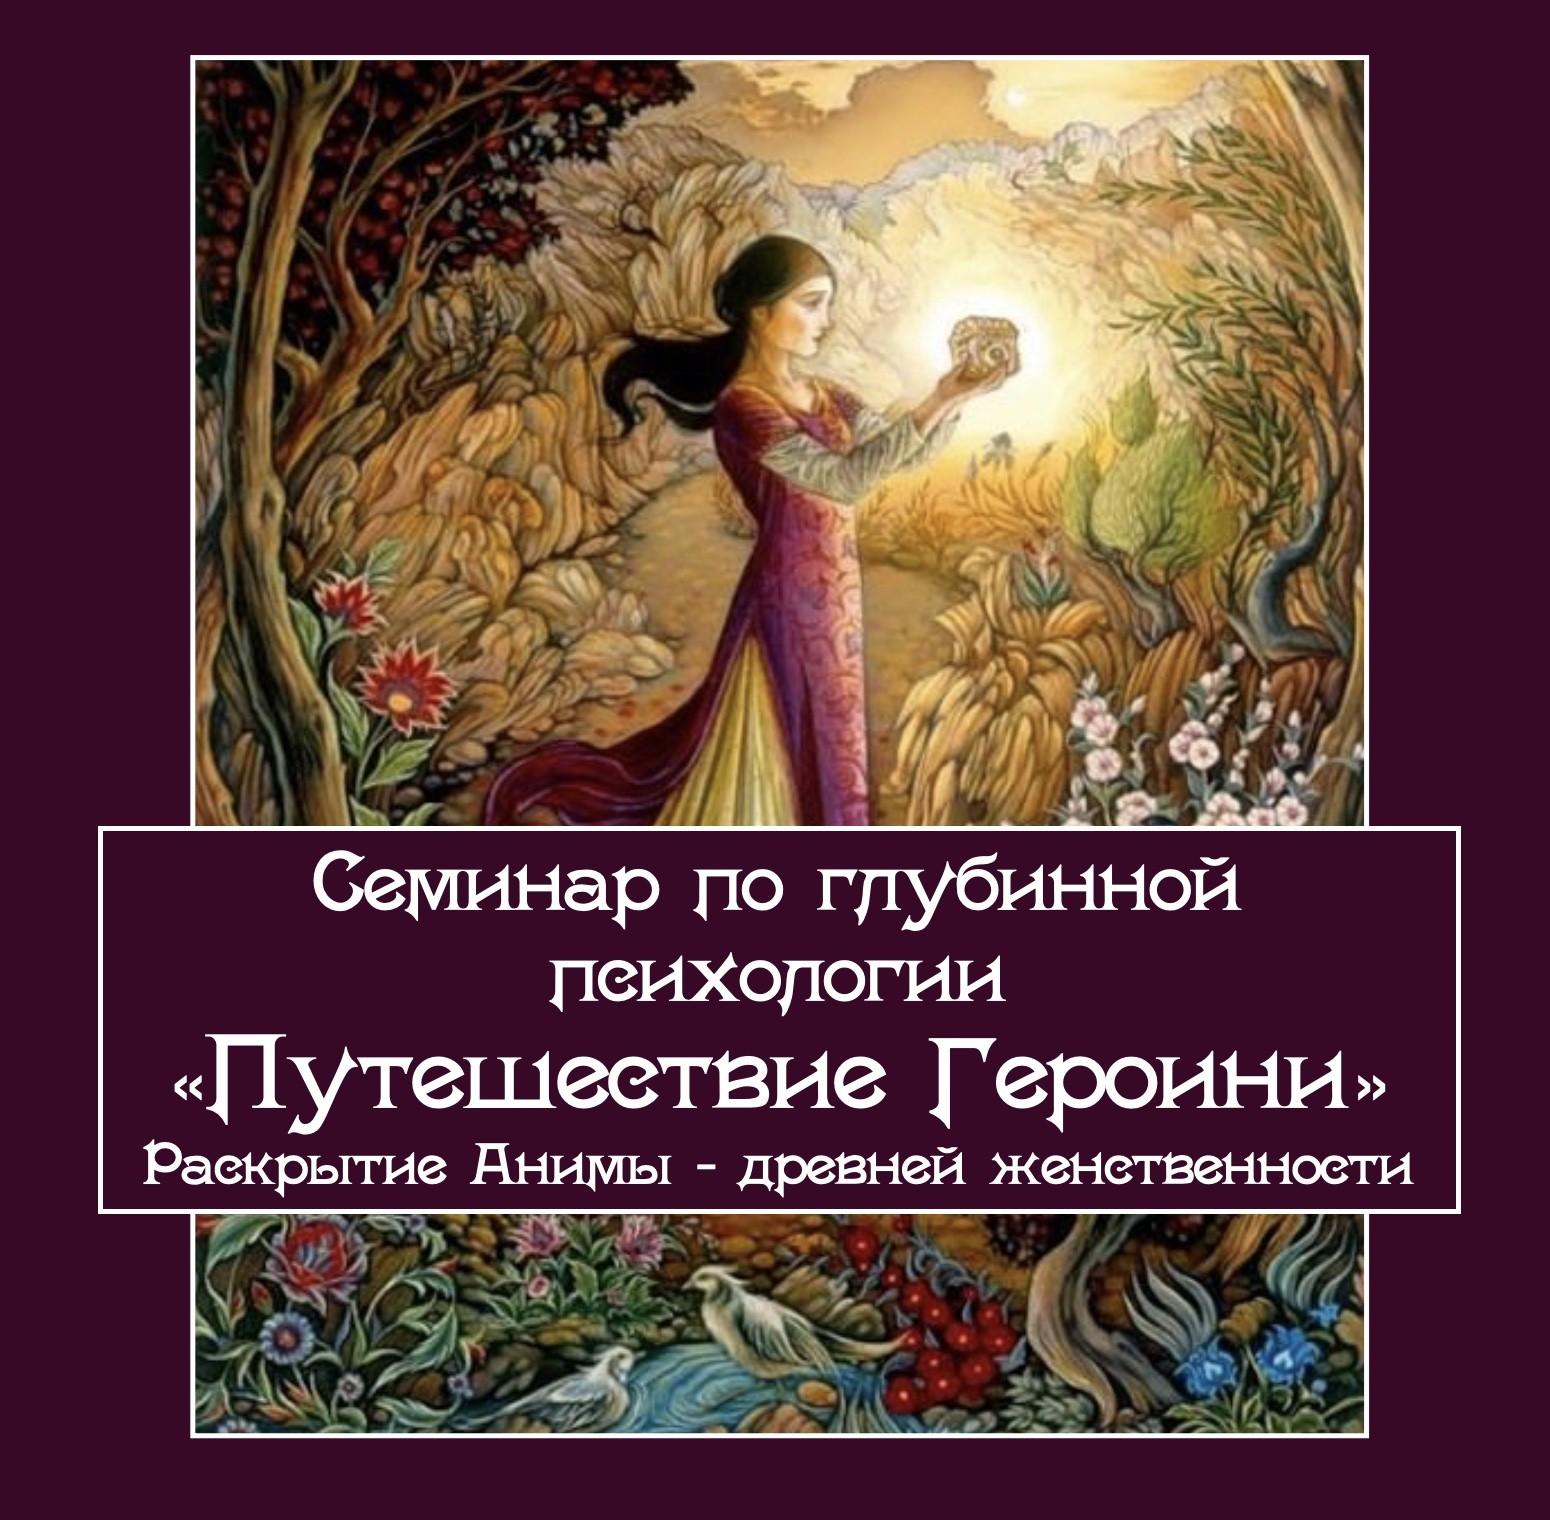 Киев. Cеминар по глубинной психологии «Путешествие героини»